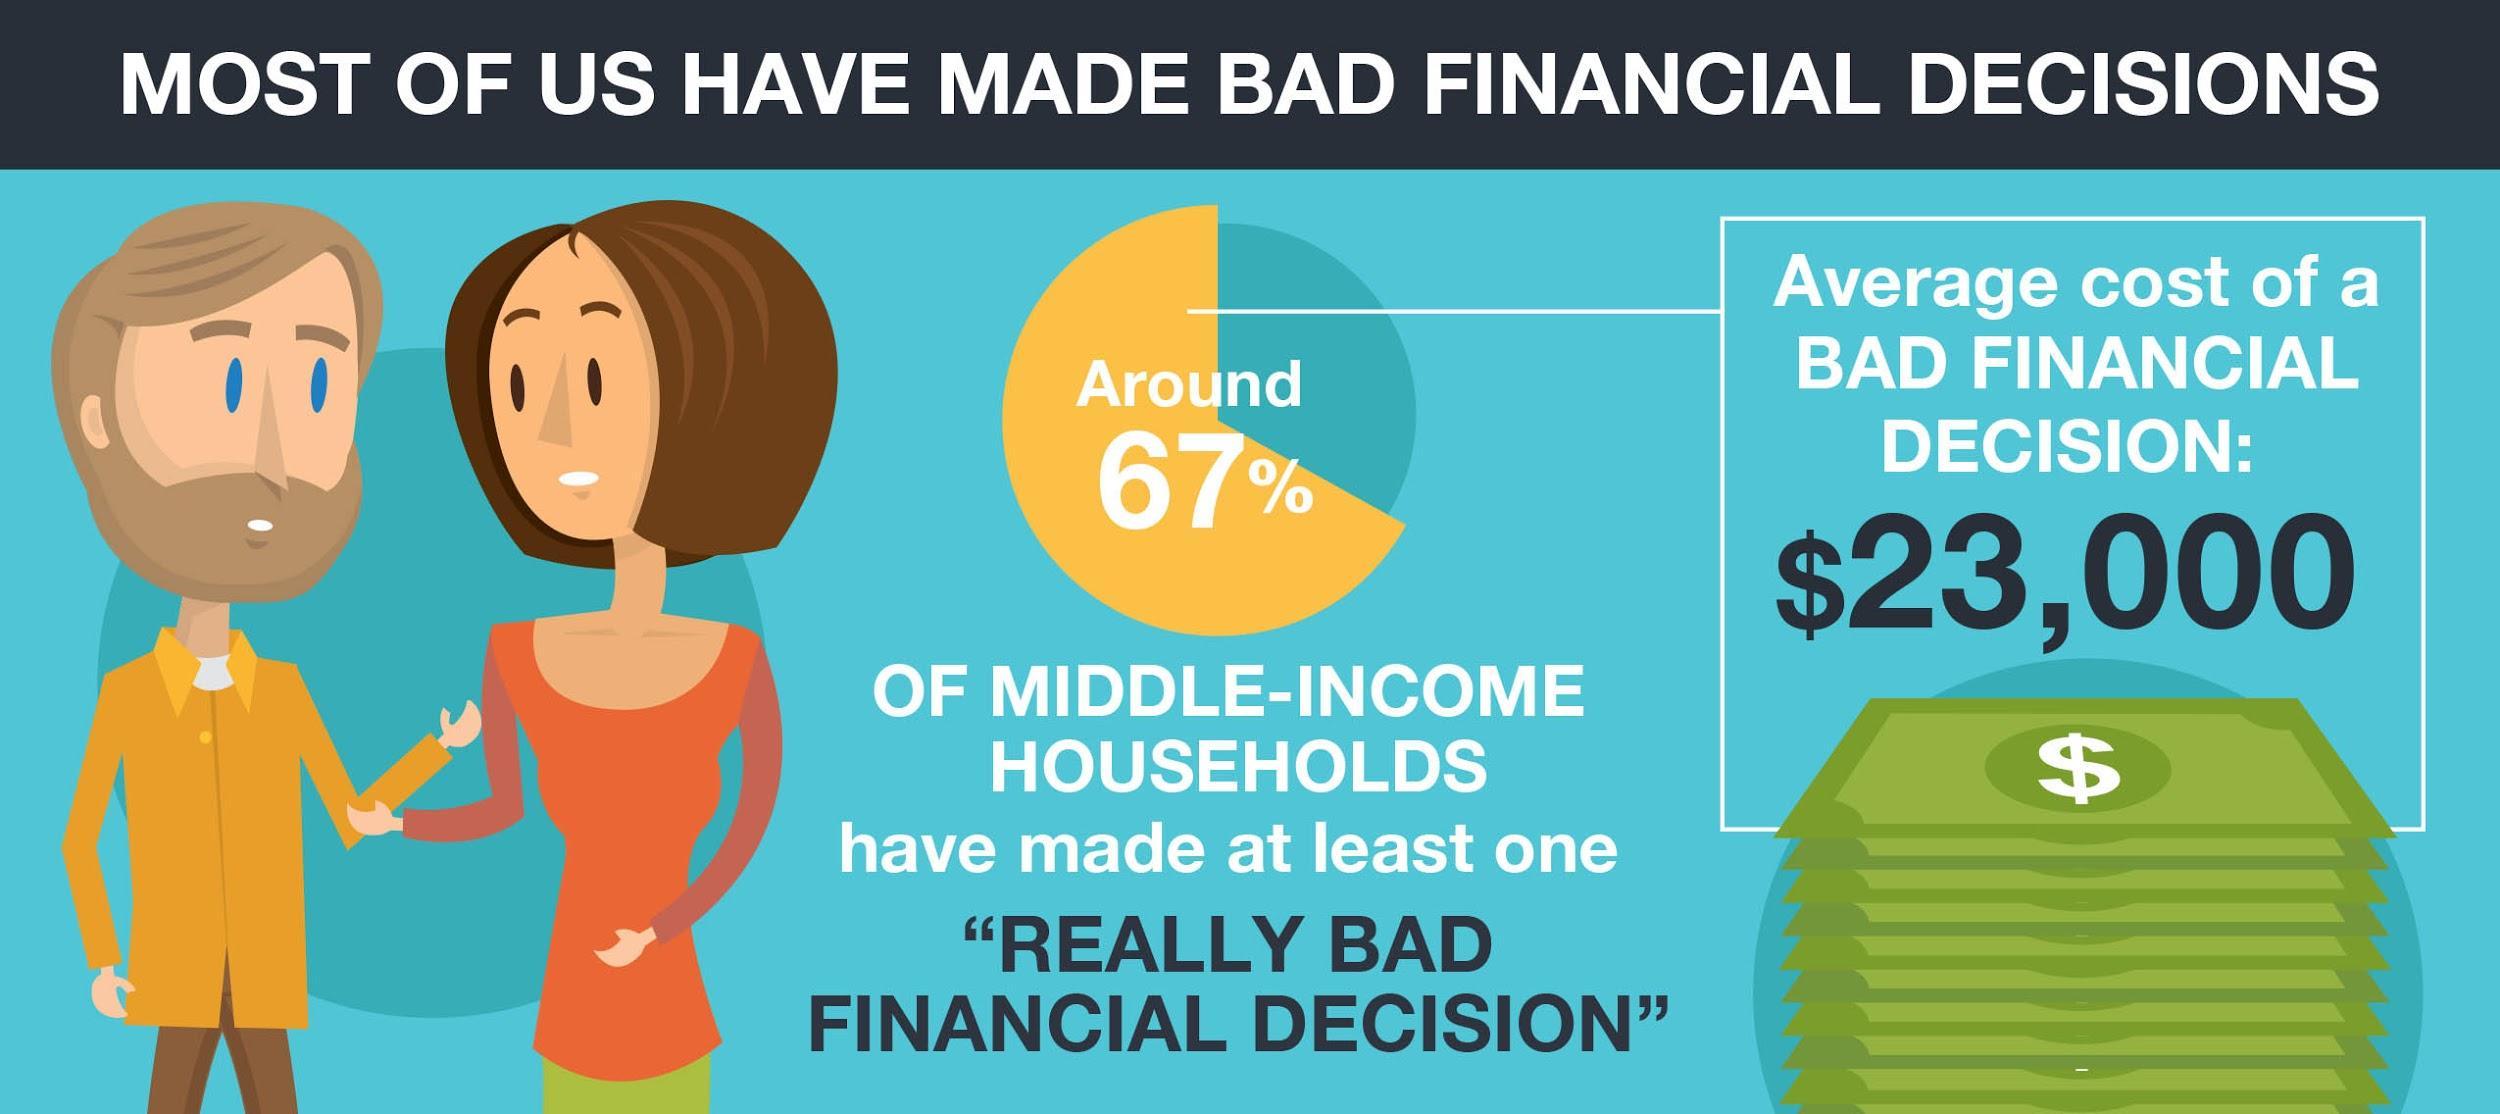 Bad financial decisions statistics